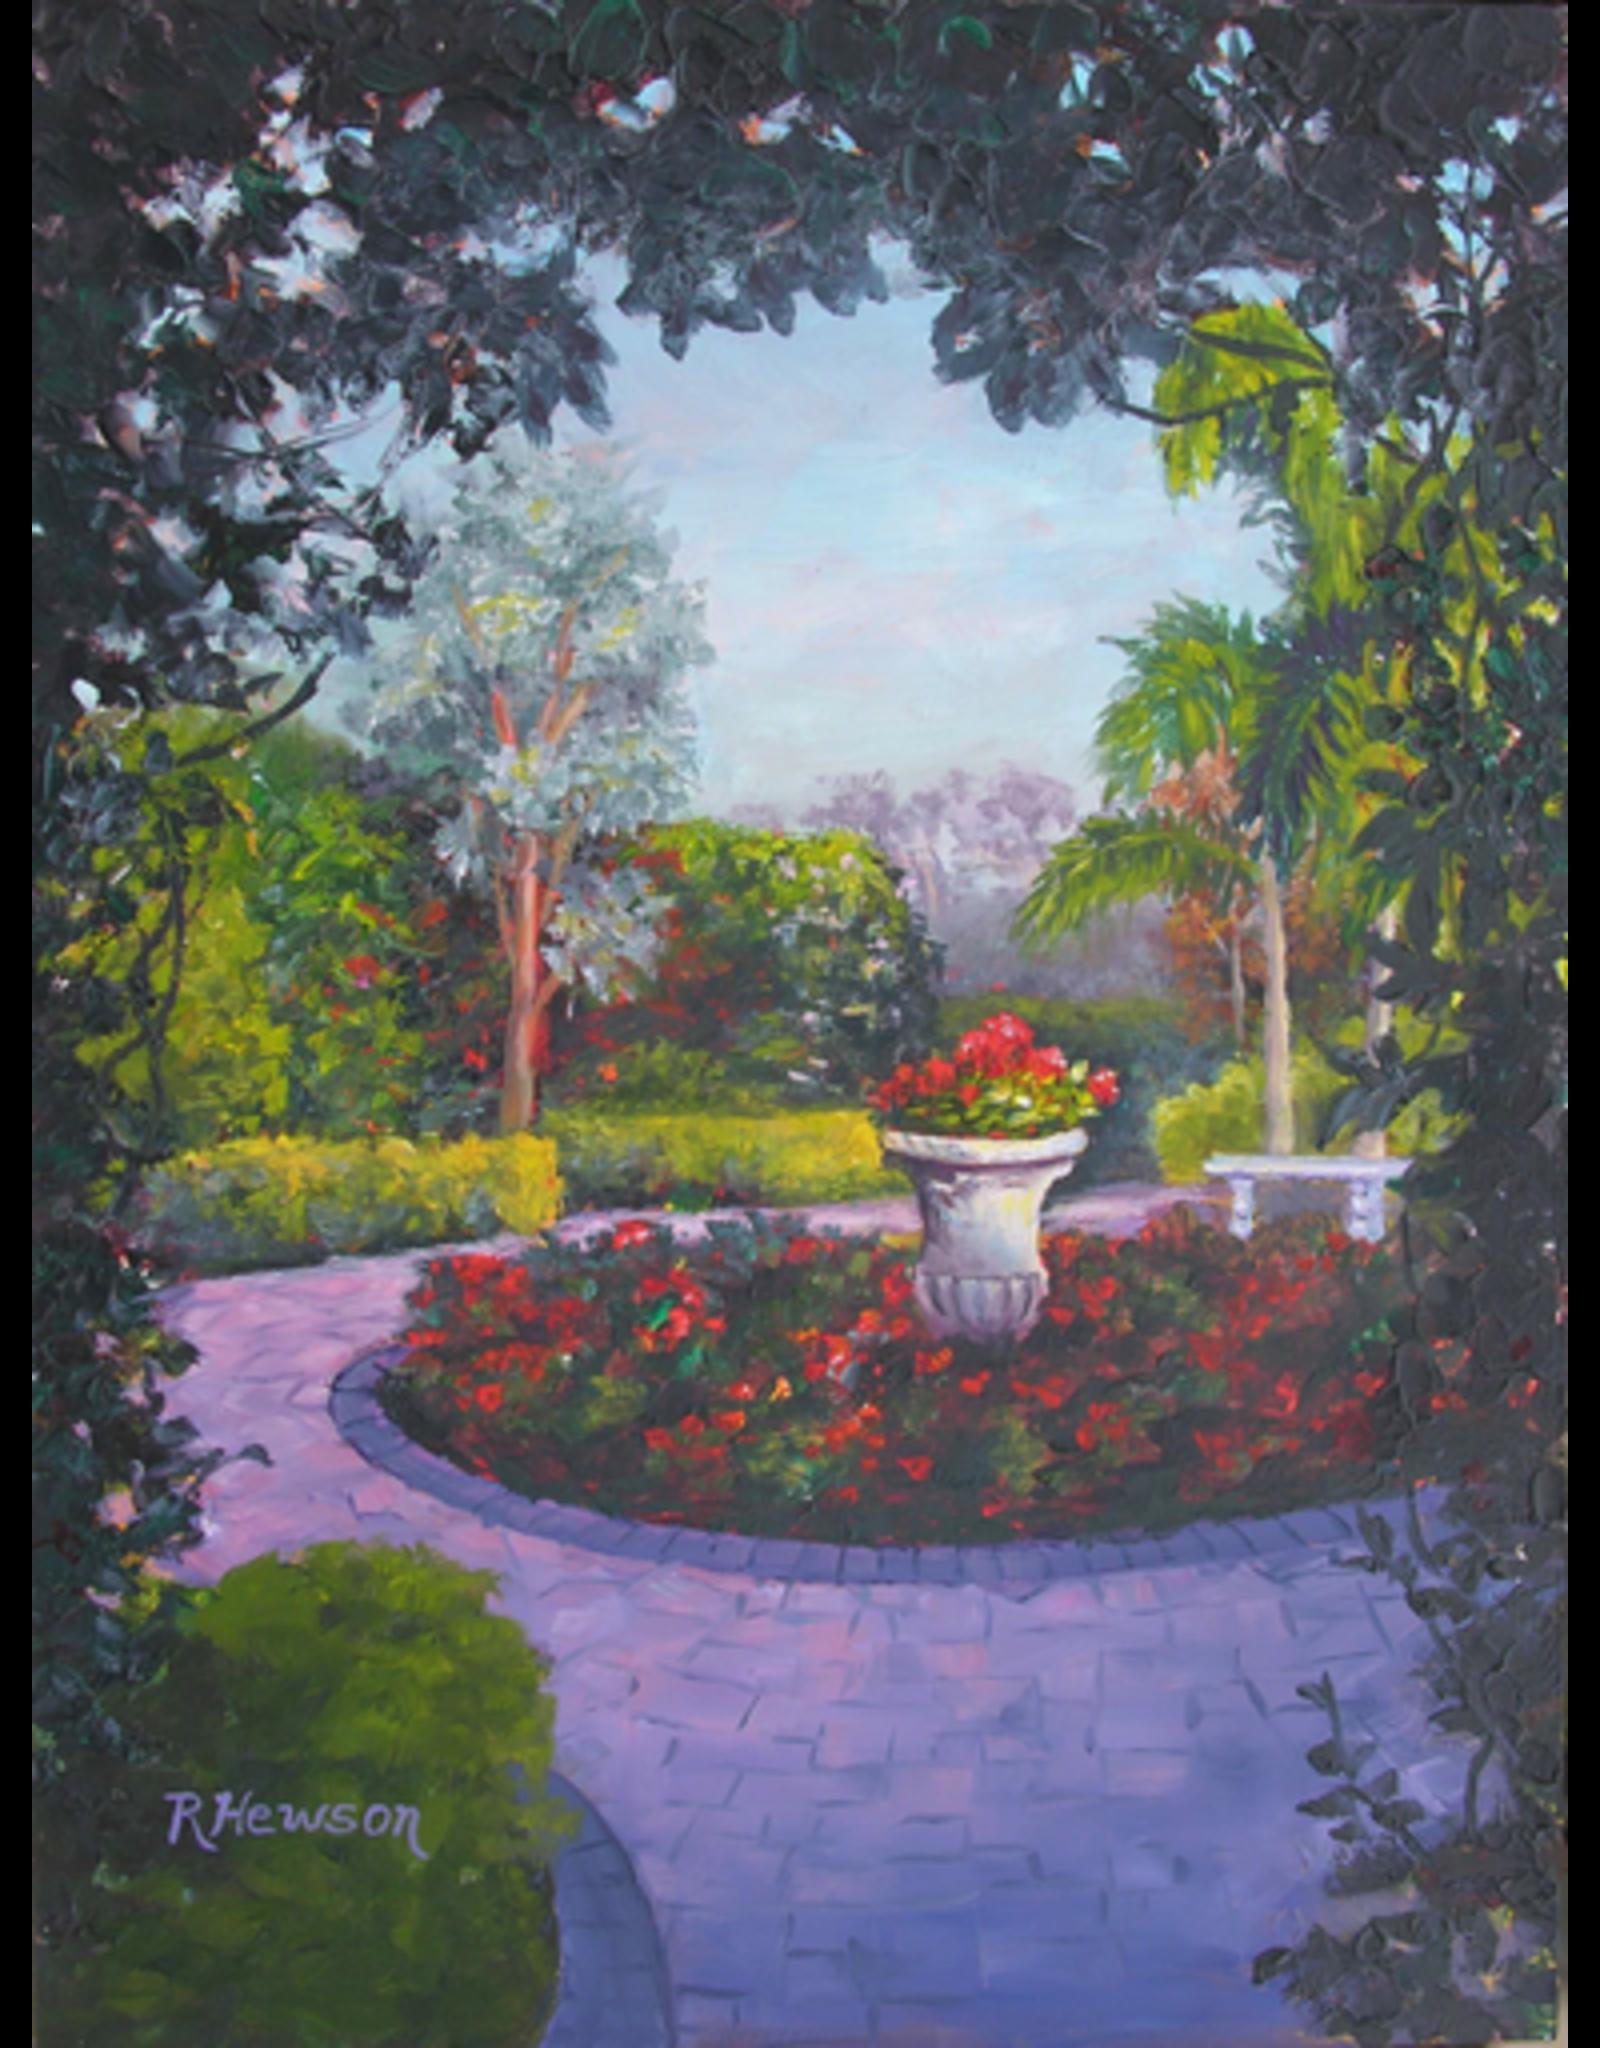 Ruthann Hewson Mrs. Smith's Garden (Print, Matted, 11x14, RUTH)